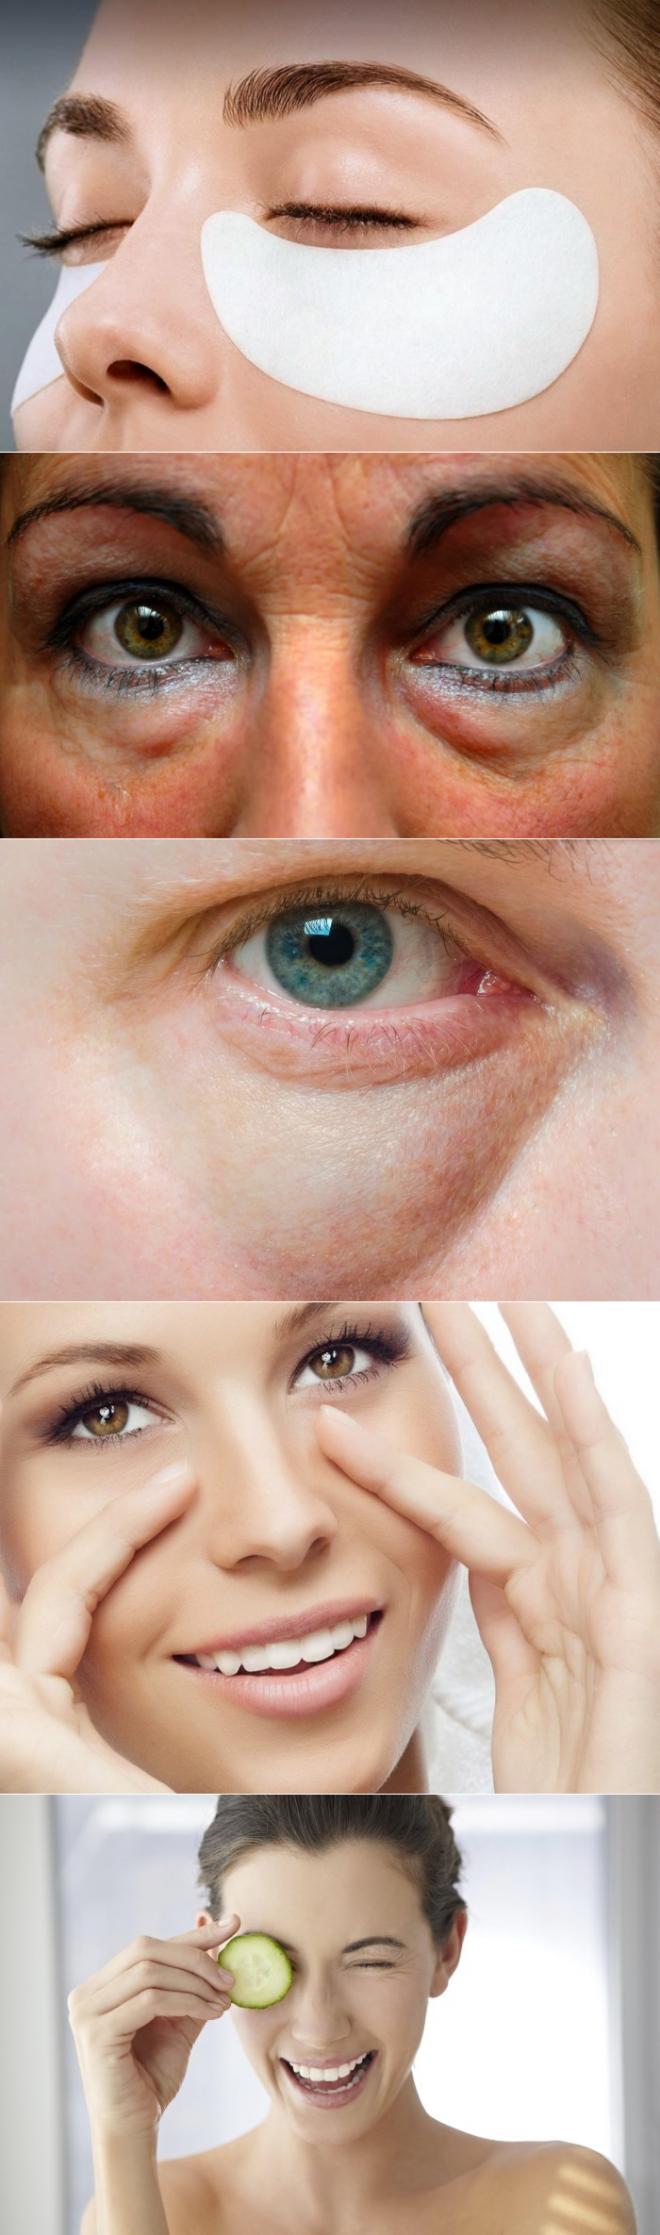 Как убрать отеки под глазами: самые эффективные способы